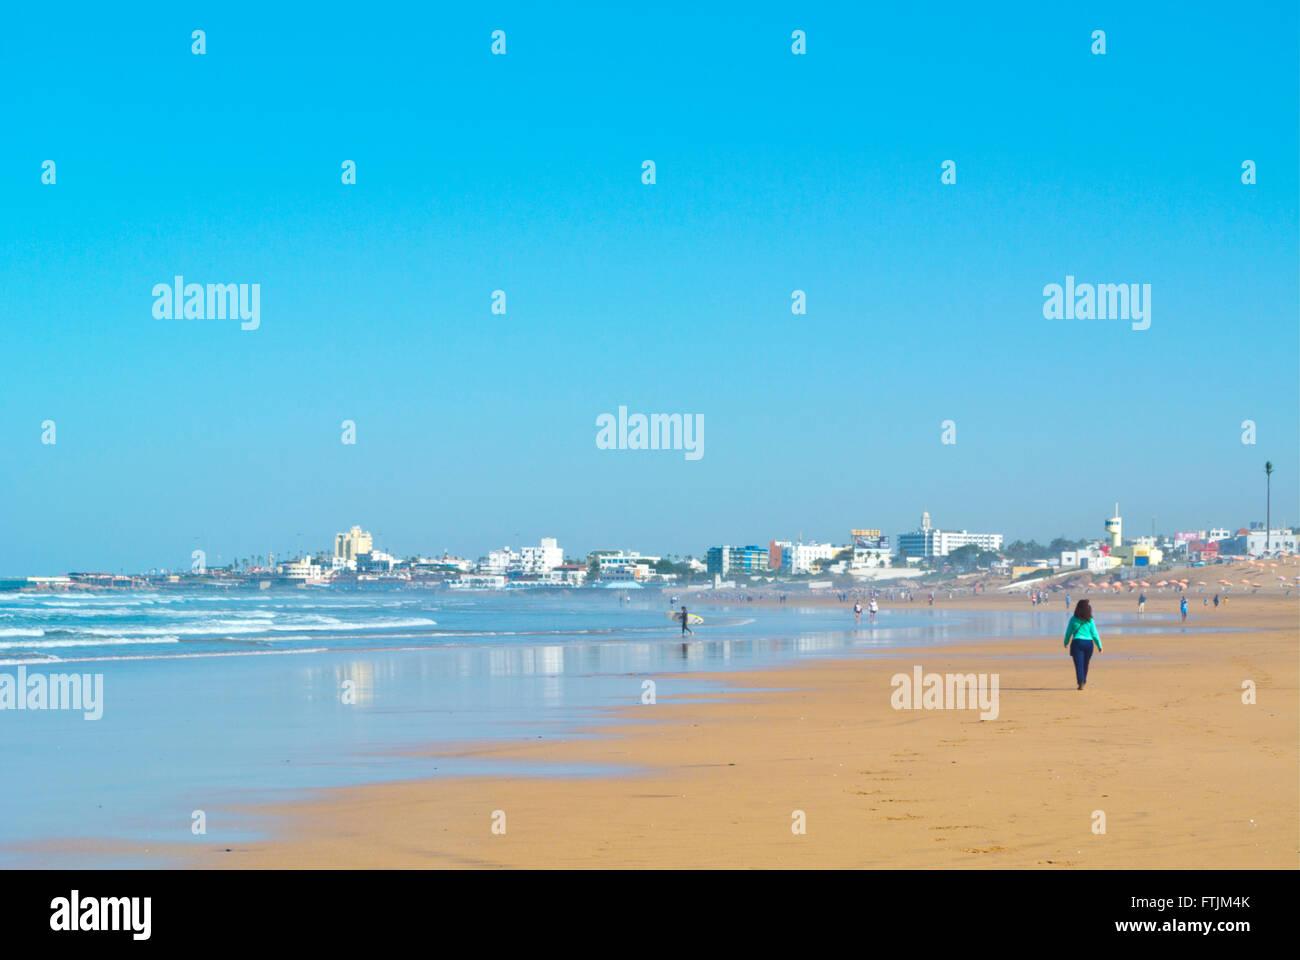 Spiaggia, Ain Diab, Casablanca, Marocco, Africa settentrionale Immagini Stock